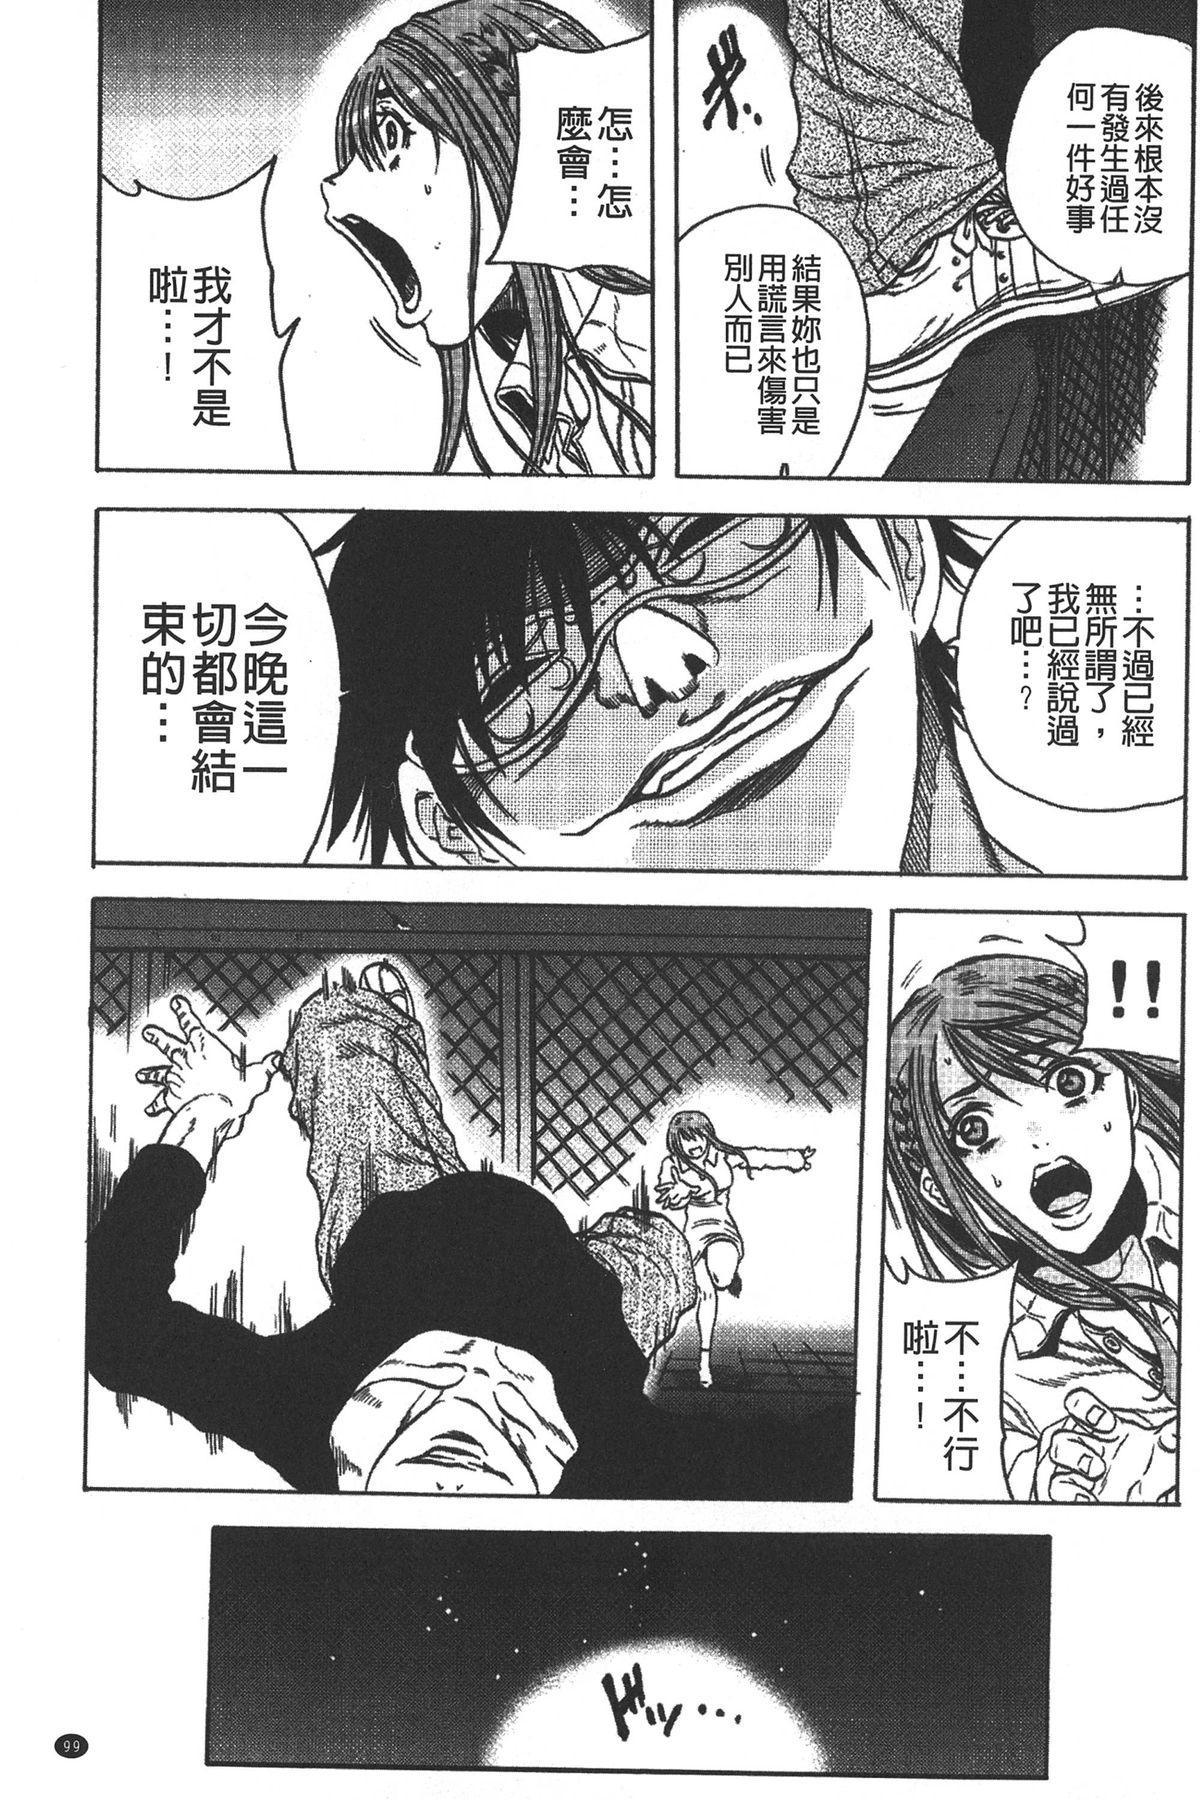 Ryoujoku Kyoushitsu 99